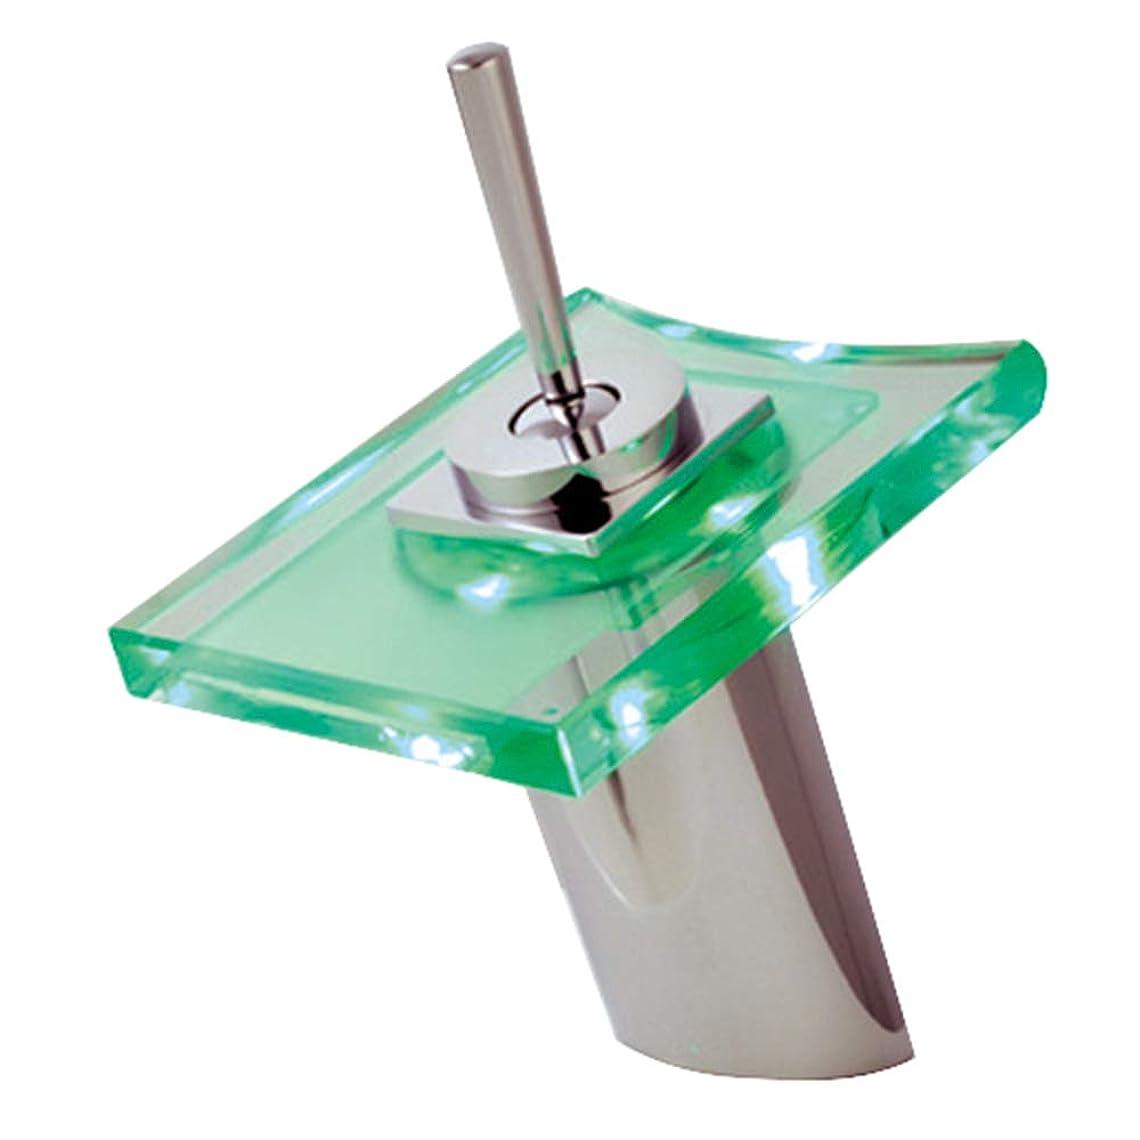 征服者軍団カロリーLED光温度制御色滝蛇口 - ロータリースイッチガラス蛇口浴室